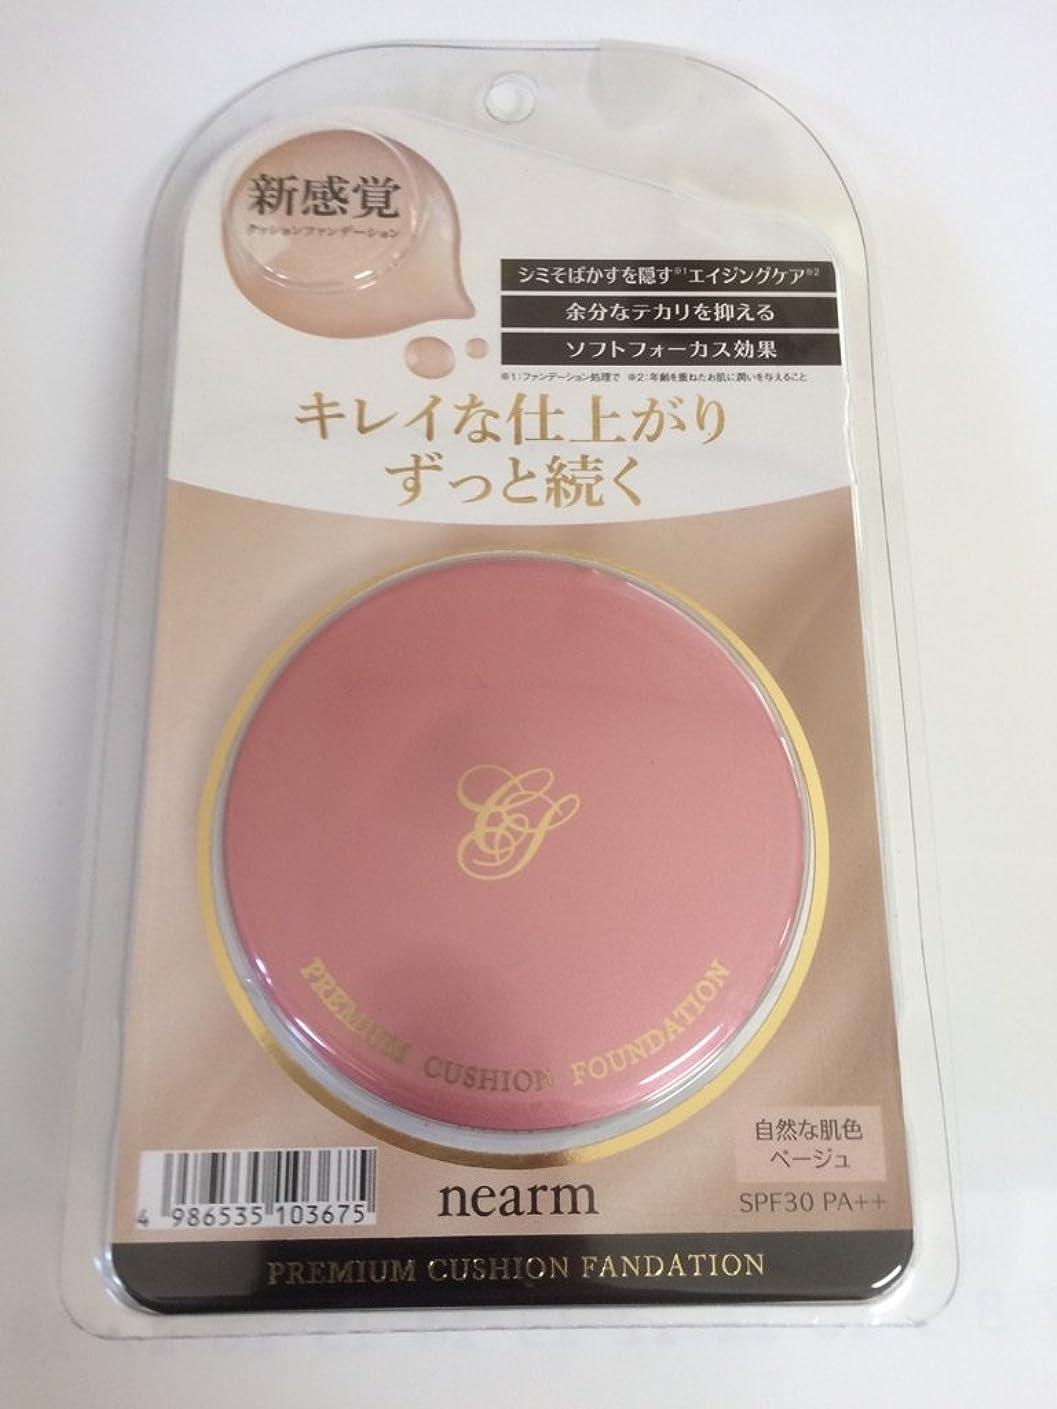 メカニック行動嫌がるネアーム プレミアムクッションファンデーション(17g) ベージュ